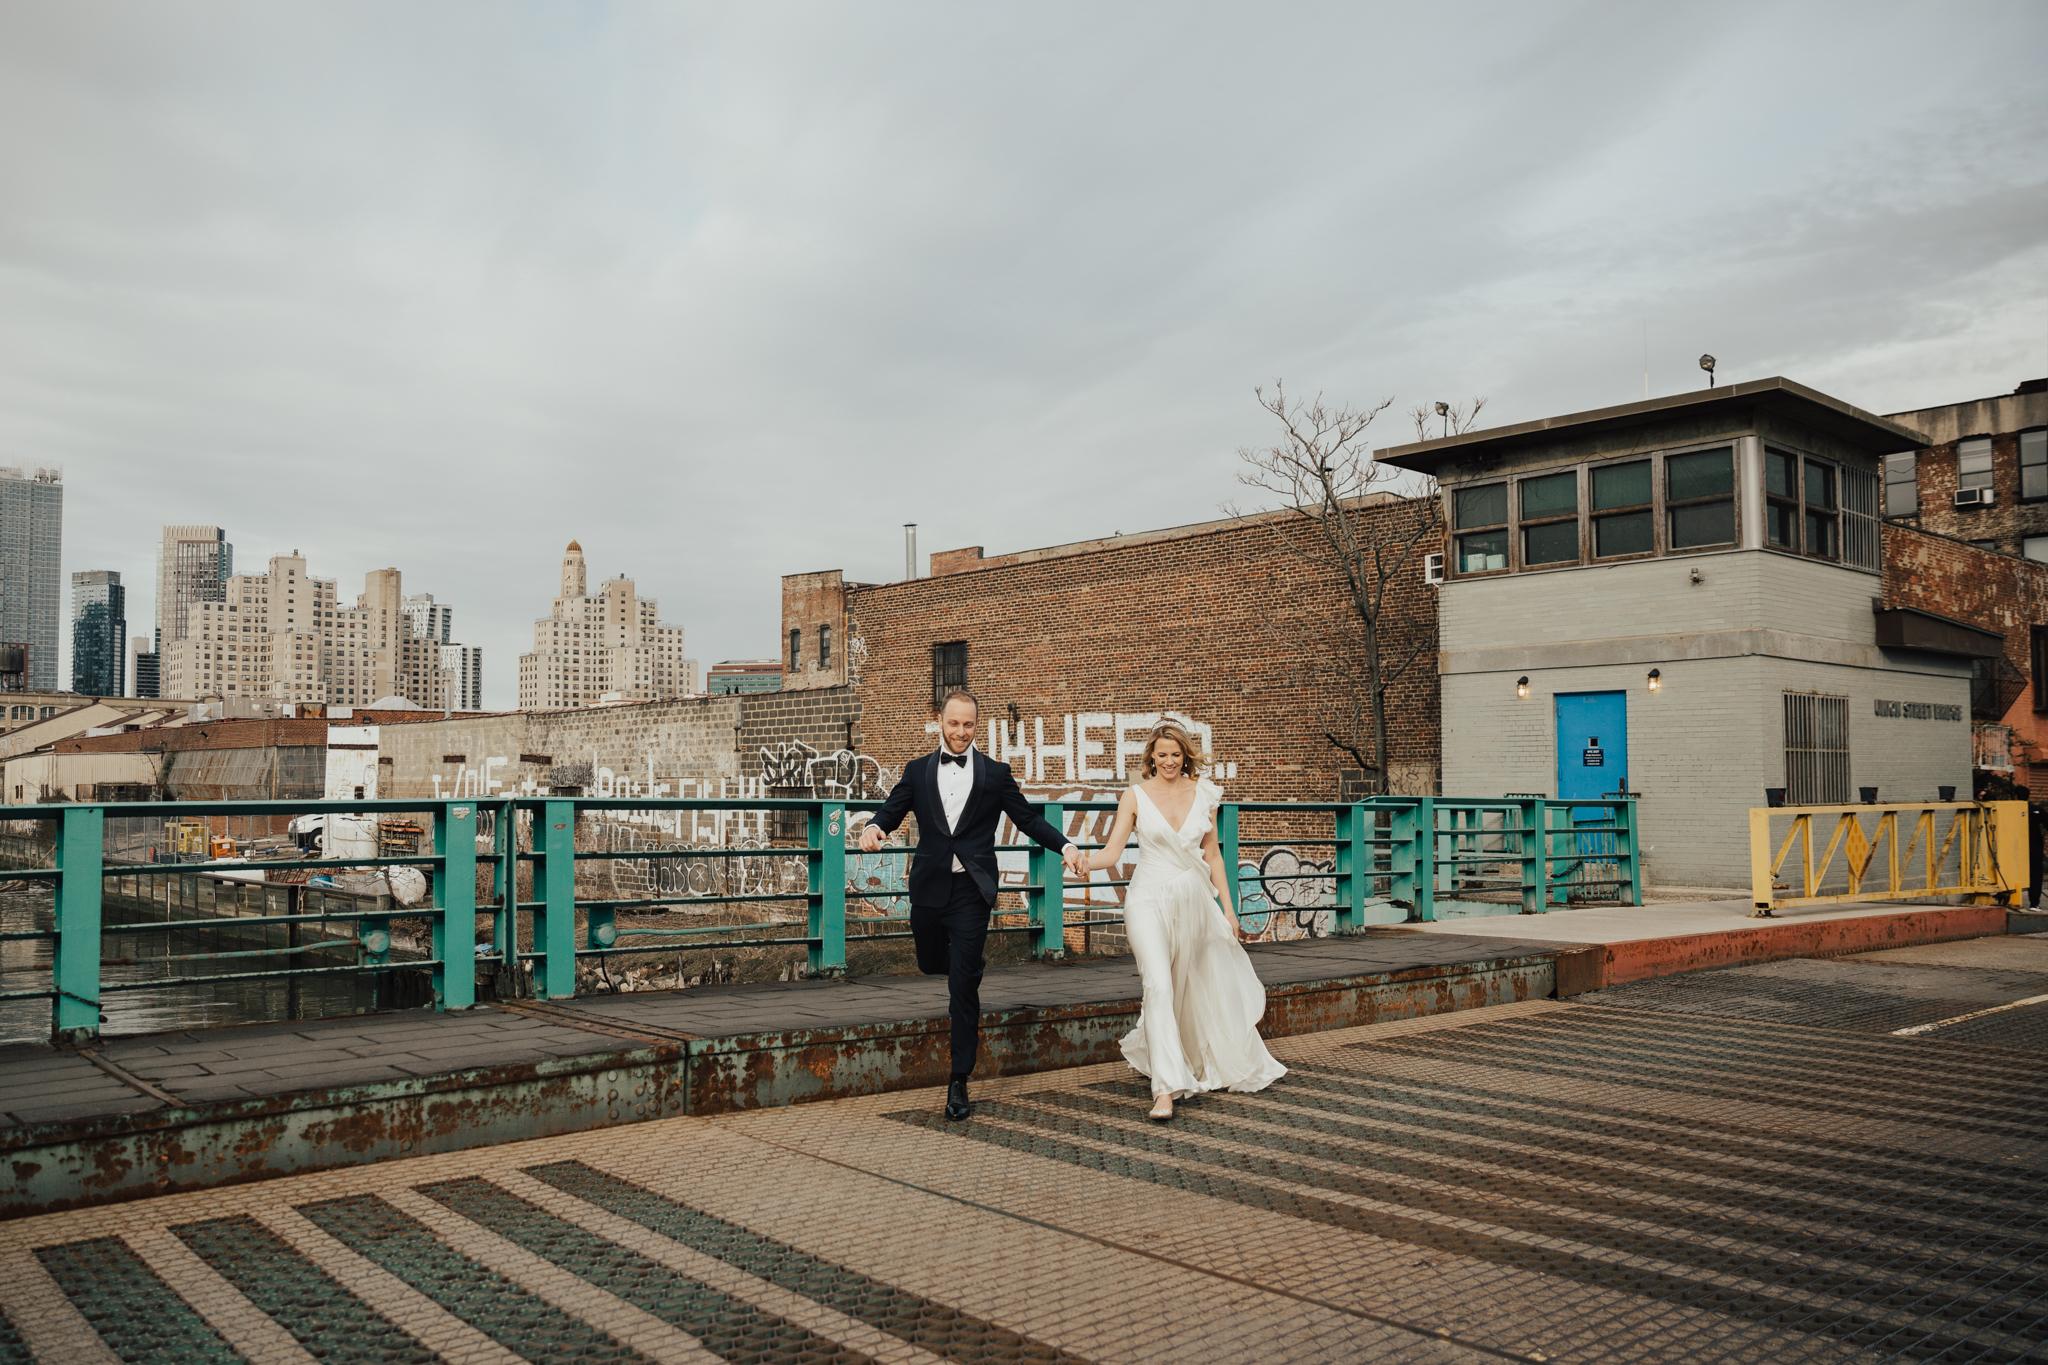 NYC candid wedding photography